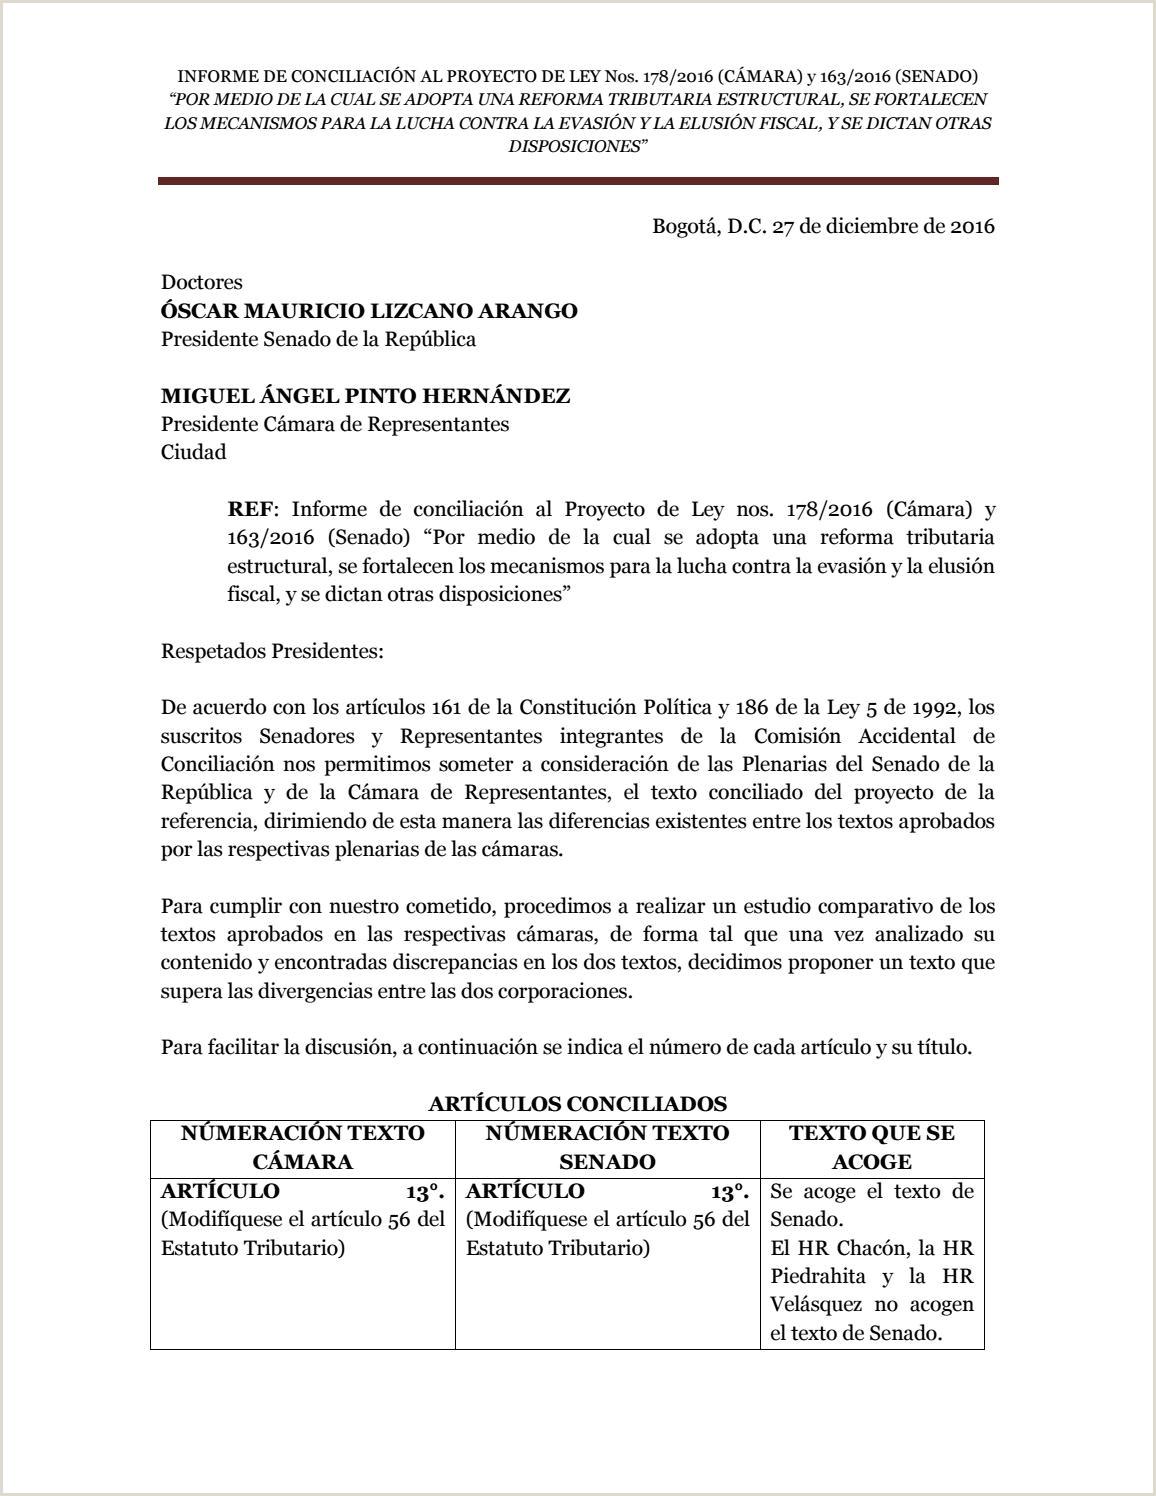 Descargar Hoja De Vida formato Sena 2018 Informe Conciliaci³n by Claudia L³pez Senado 10 Alianza